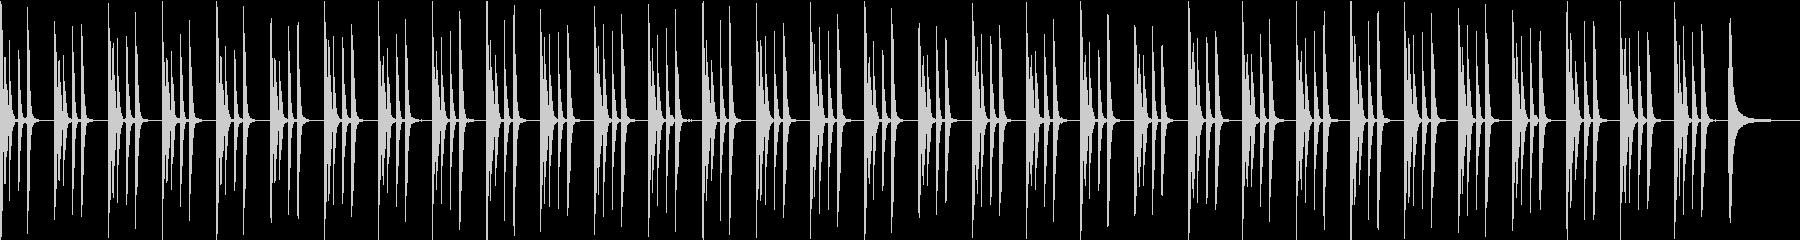 動物・戯れる・日常・シンプル・ピアノソロの未再生の波形